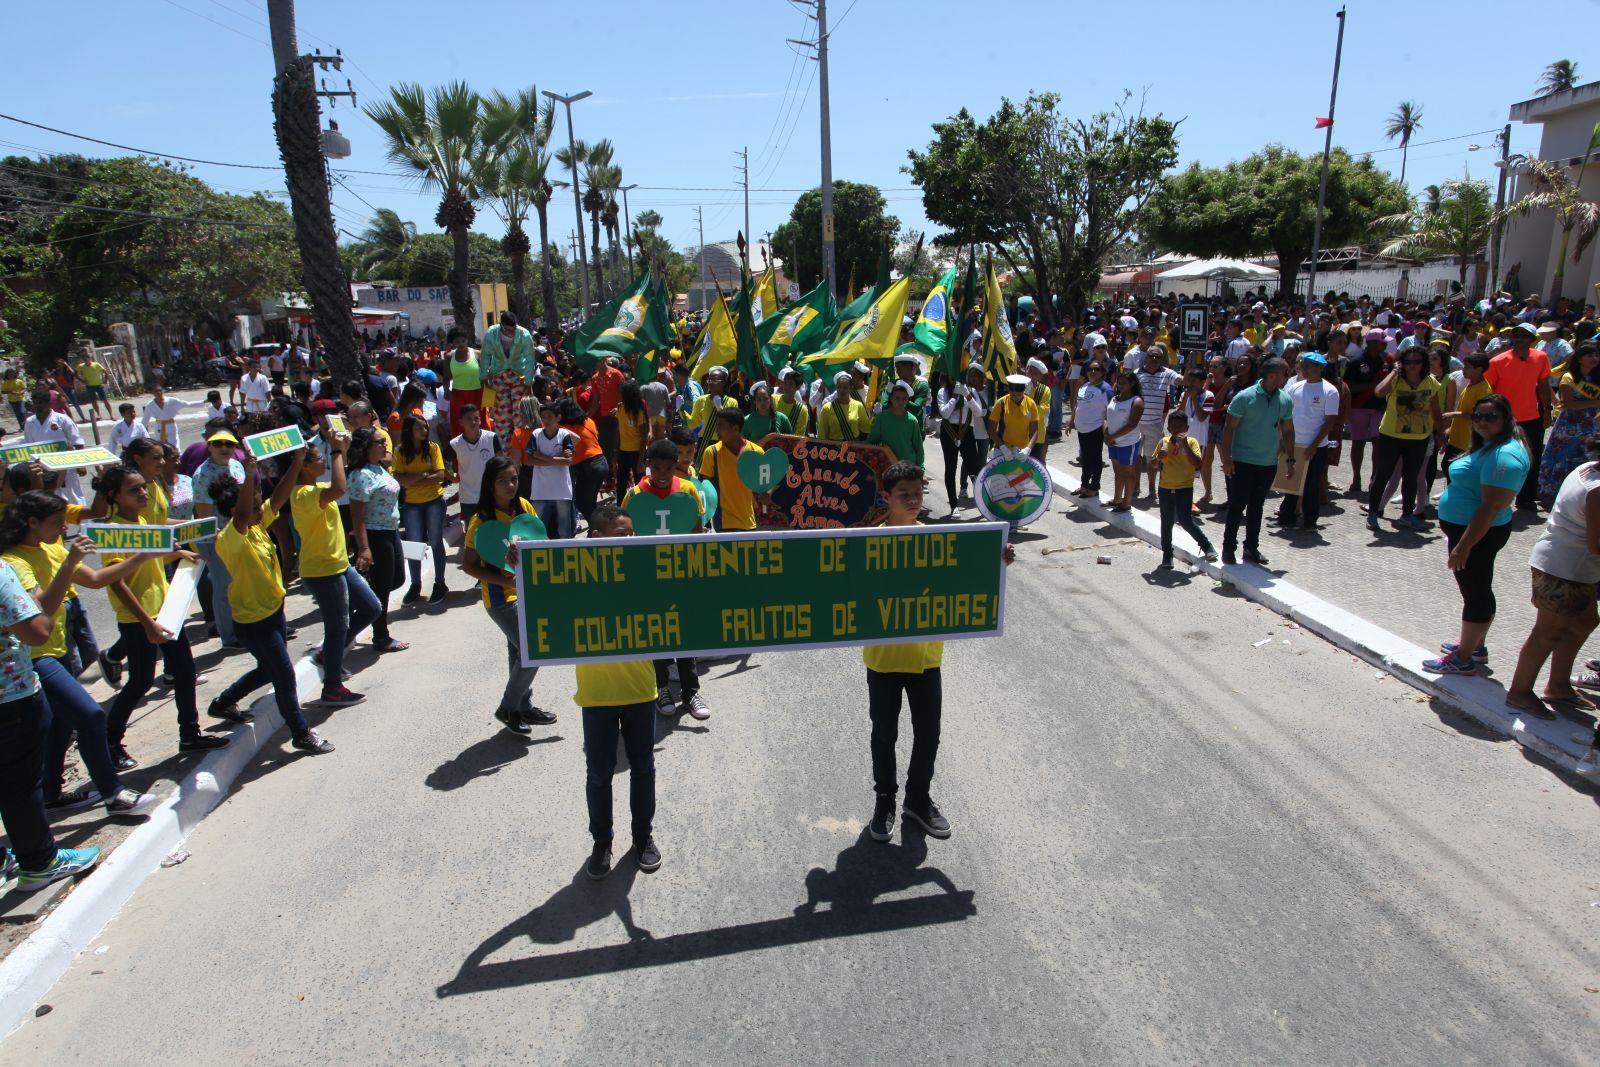 Grande Mangabeira se veste de verde e amarelo na comemoração da Semana da Pátria